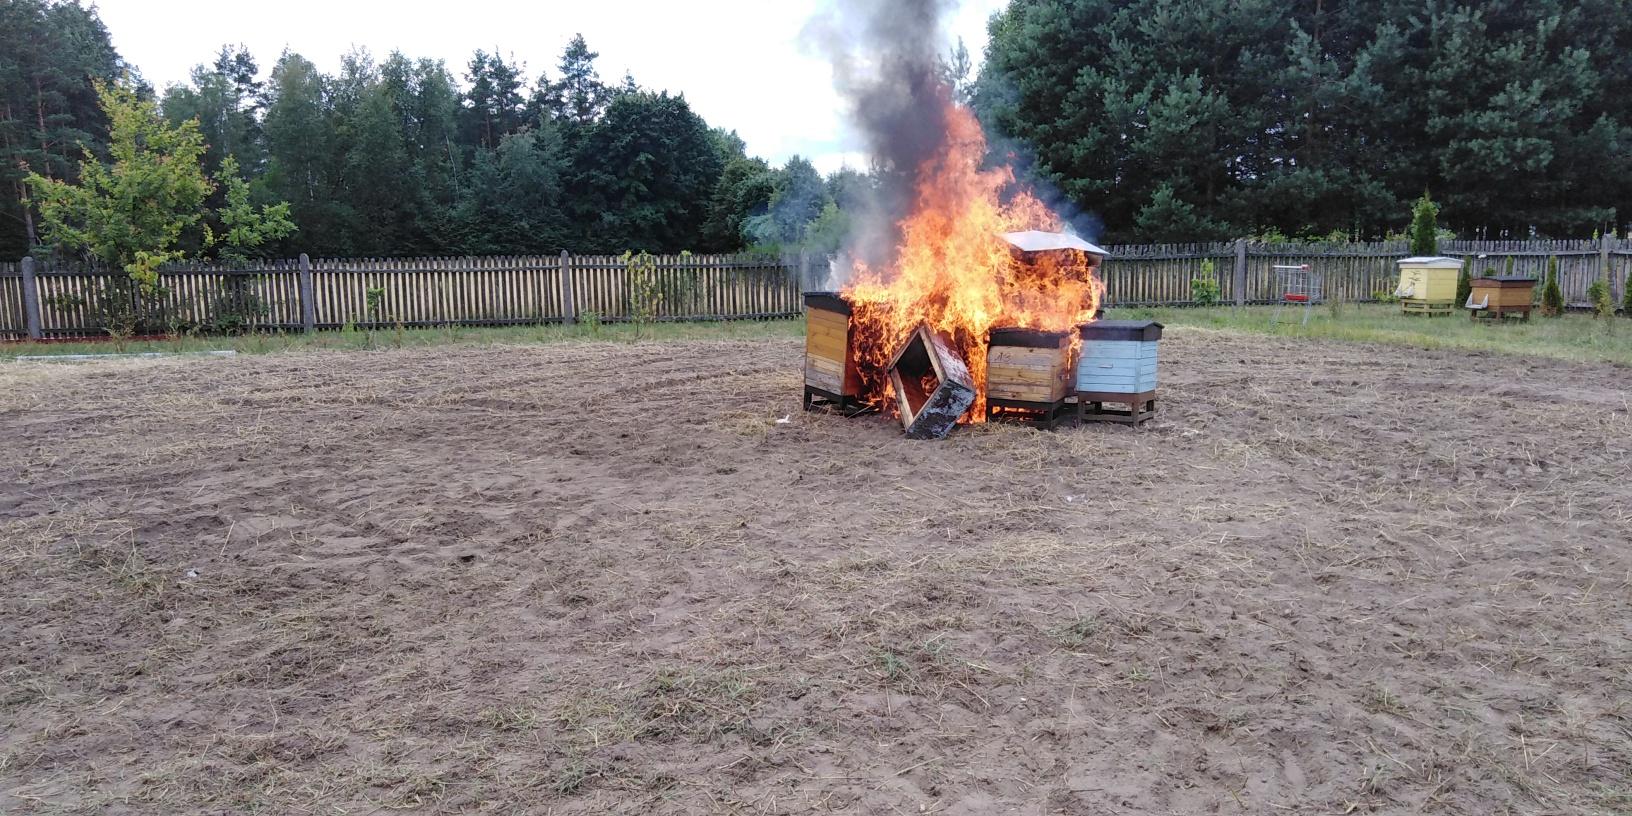 Zgnilec amerykański dotarł do Kolbuszowej. Spalono kilka uli [ZDJĘCIA] - Zdjęcie główne